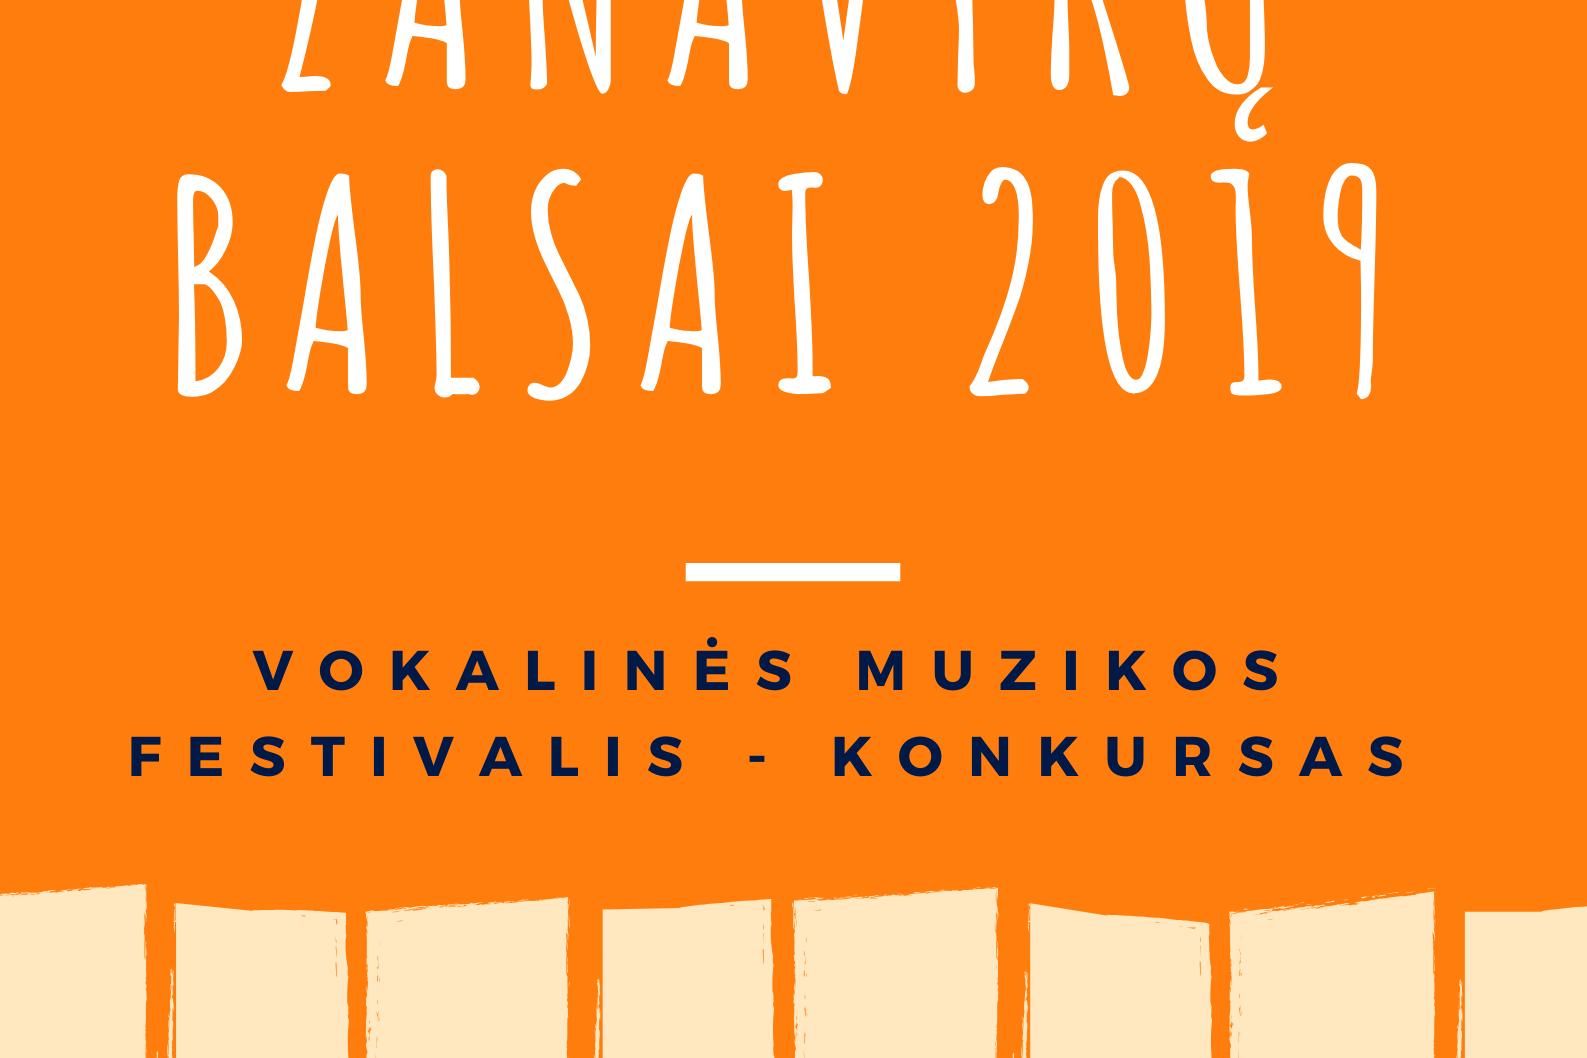 """Vokalinės muzikos festivalis-konkursas ,,Zanavykų balsai 2019"""""""